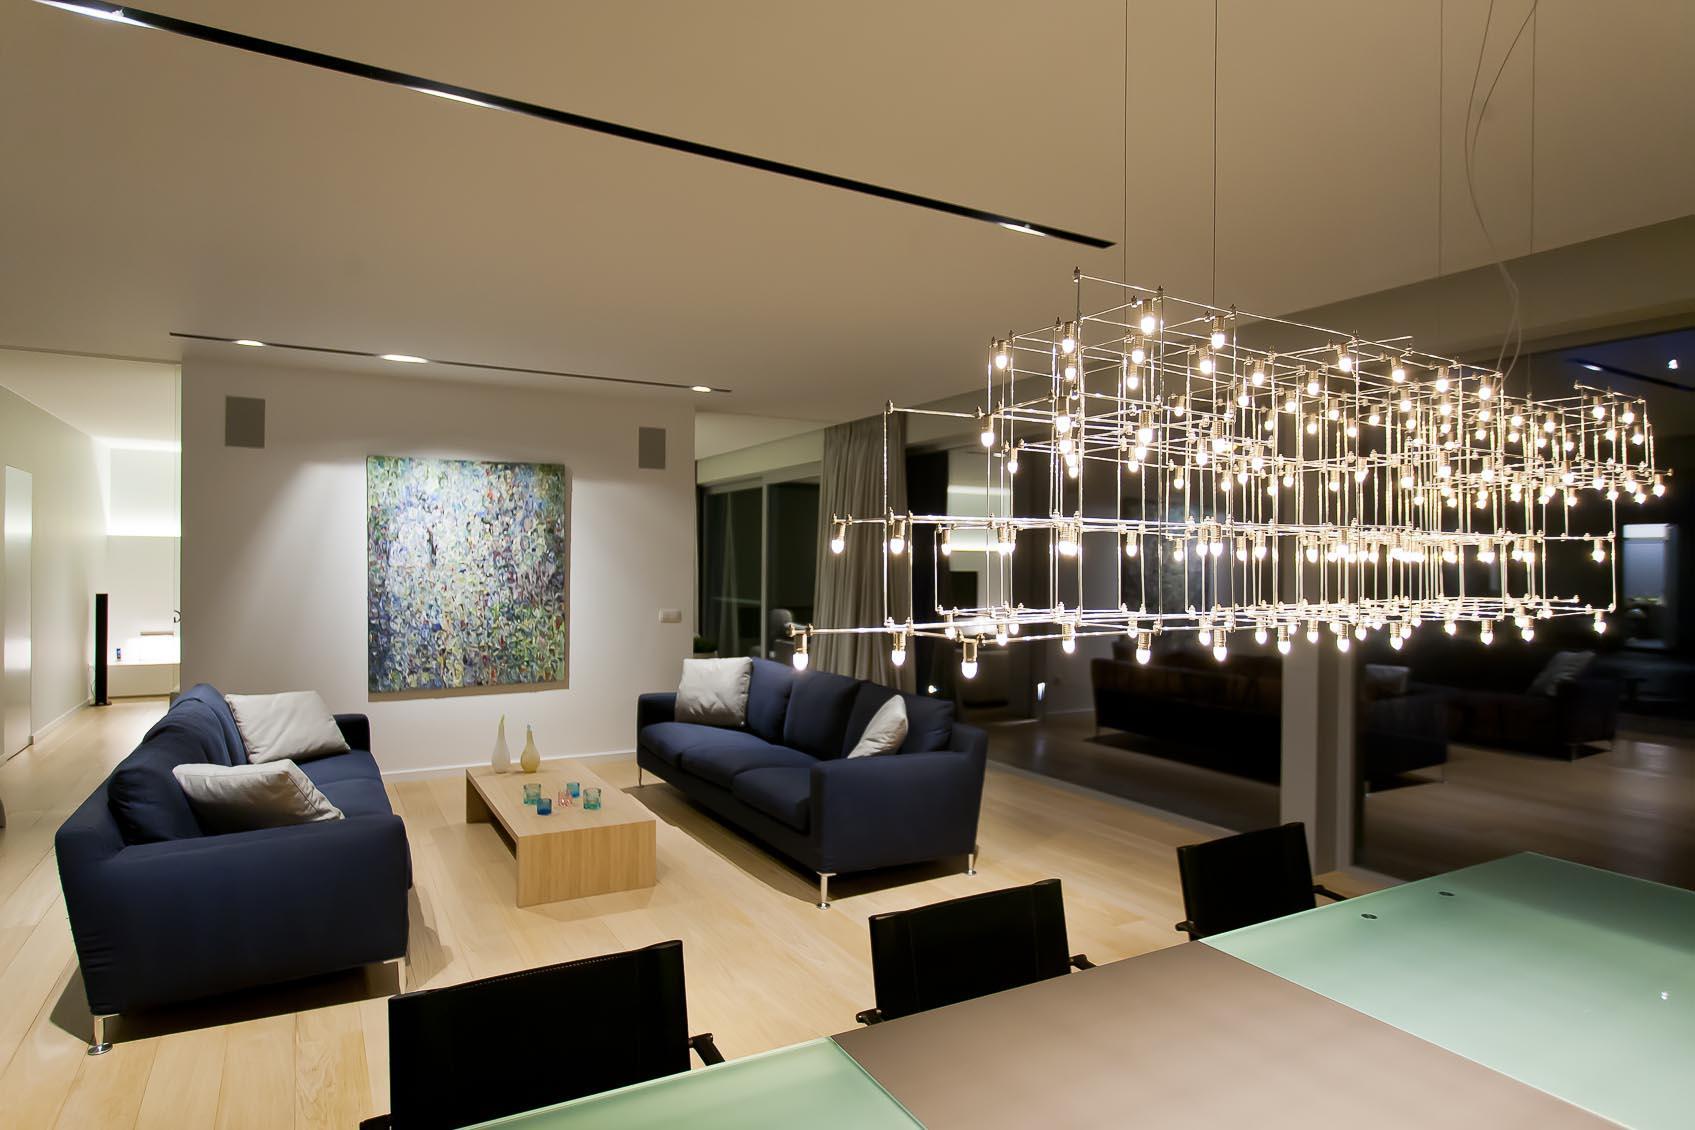 Witte architecturale woning met warme lichtsfeer